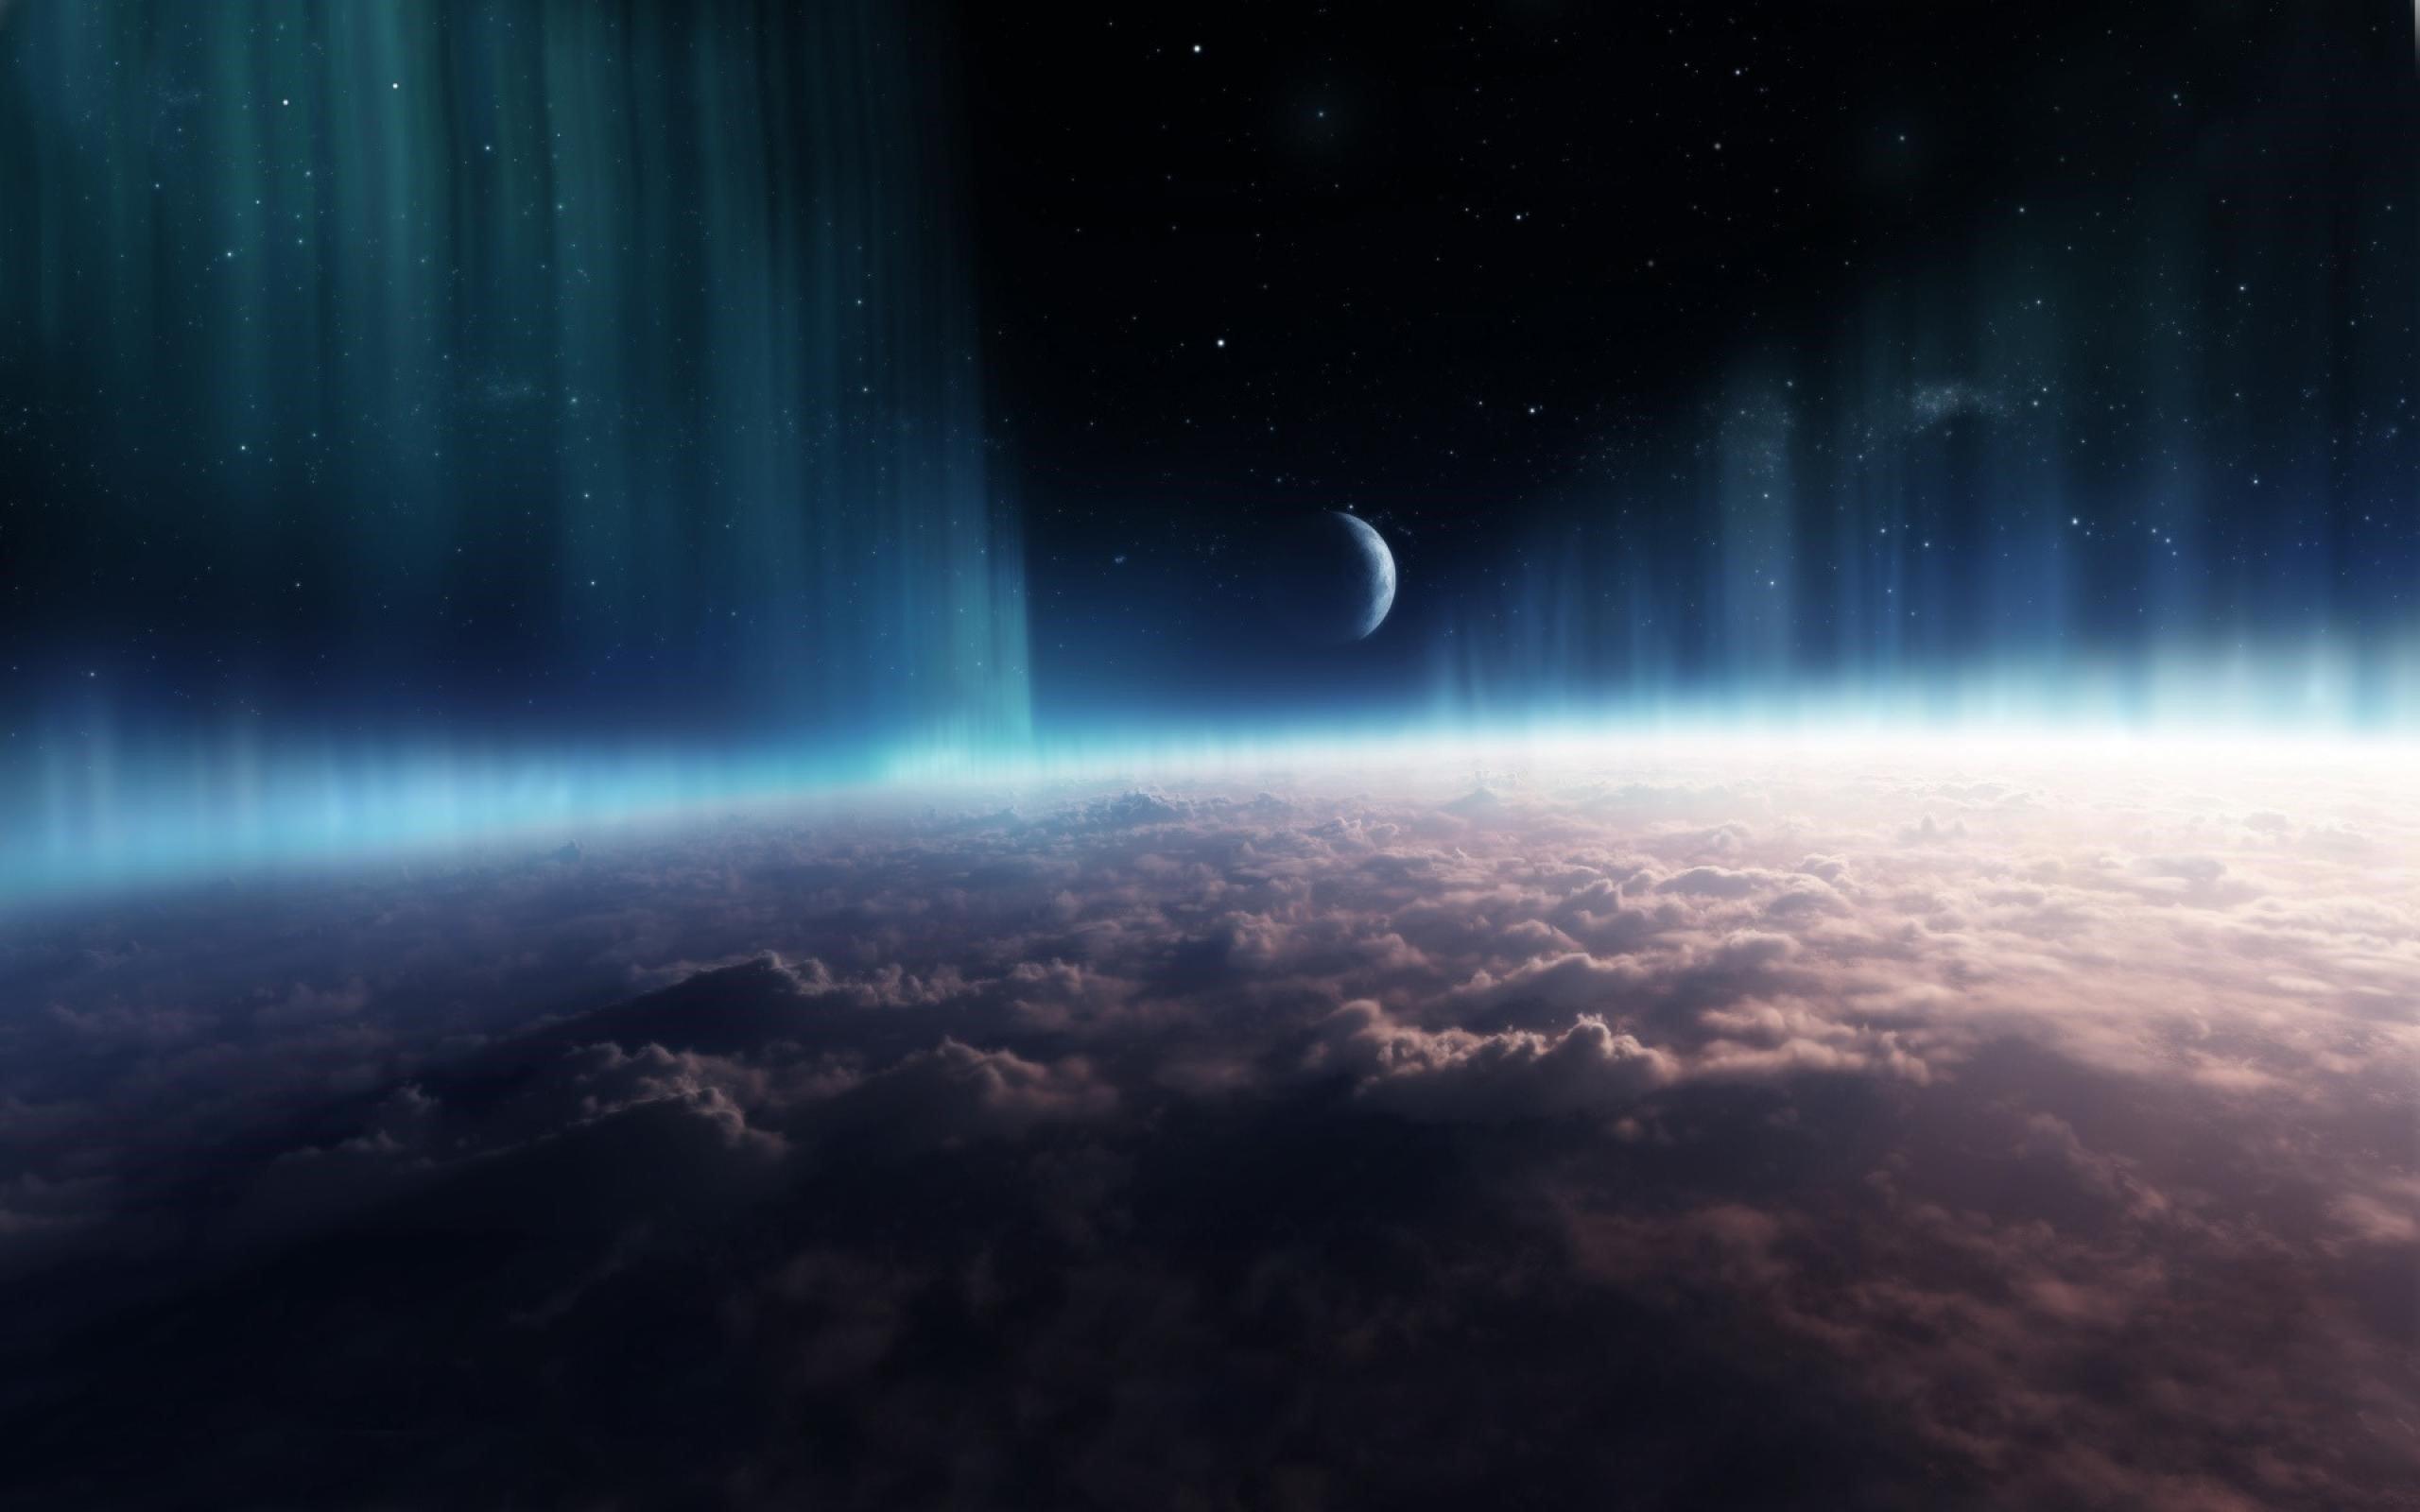 Fondos de pantalla Universo - Espacio con nubes